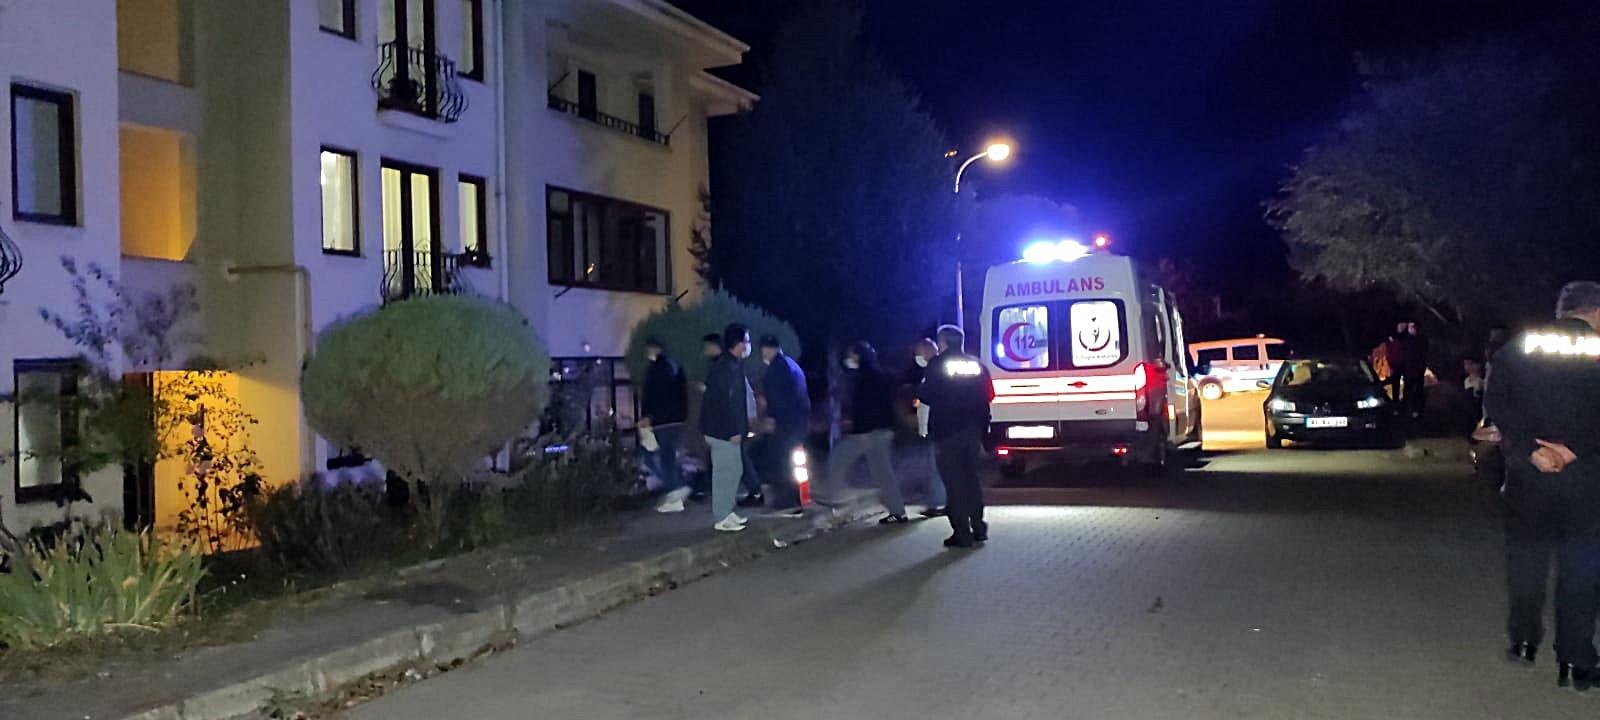 Düzce'de öldürülen kadının 112 Acil'den yardım istediği ortaya çıktı